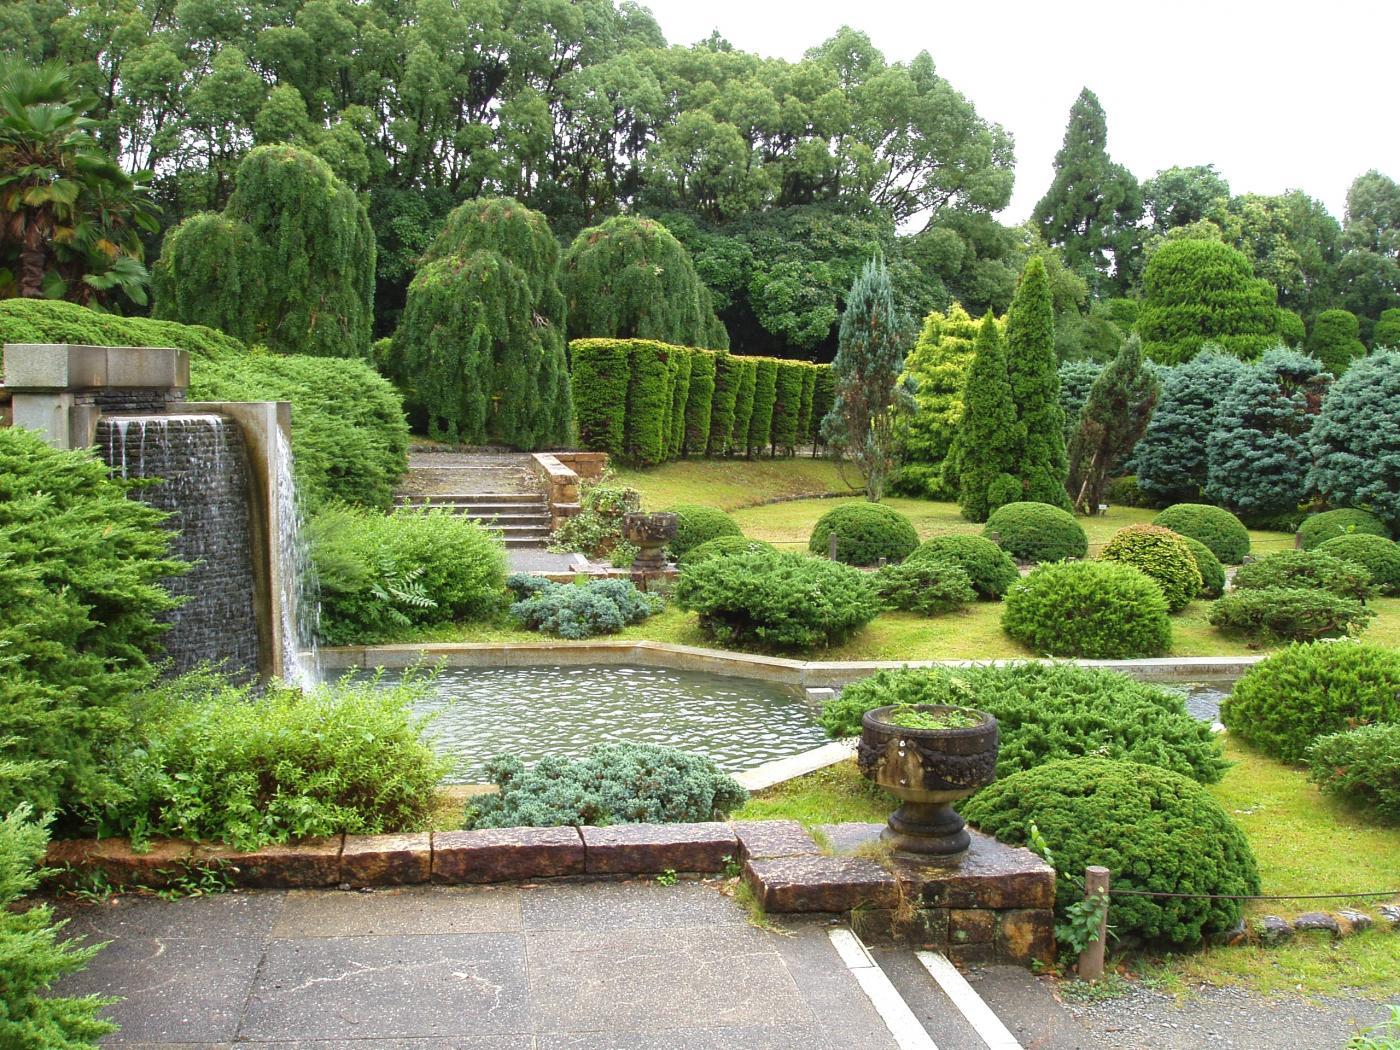 kyoto_botanical_garden_-_sunken_garden.jpg